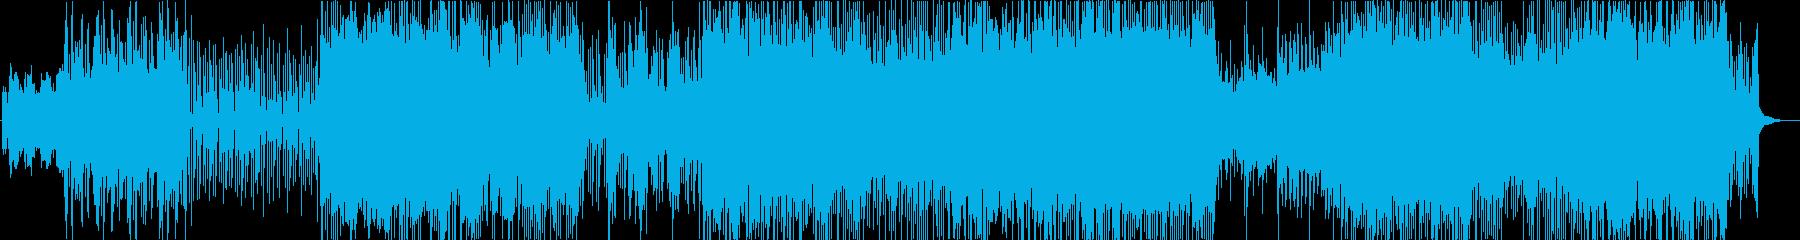 ポップ テクノ モダン アクティブ...の再生済みの波形